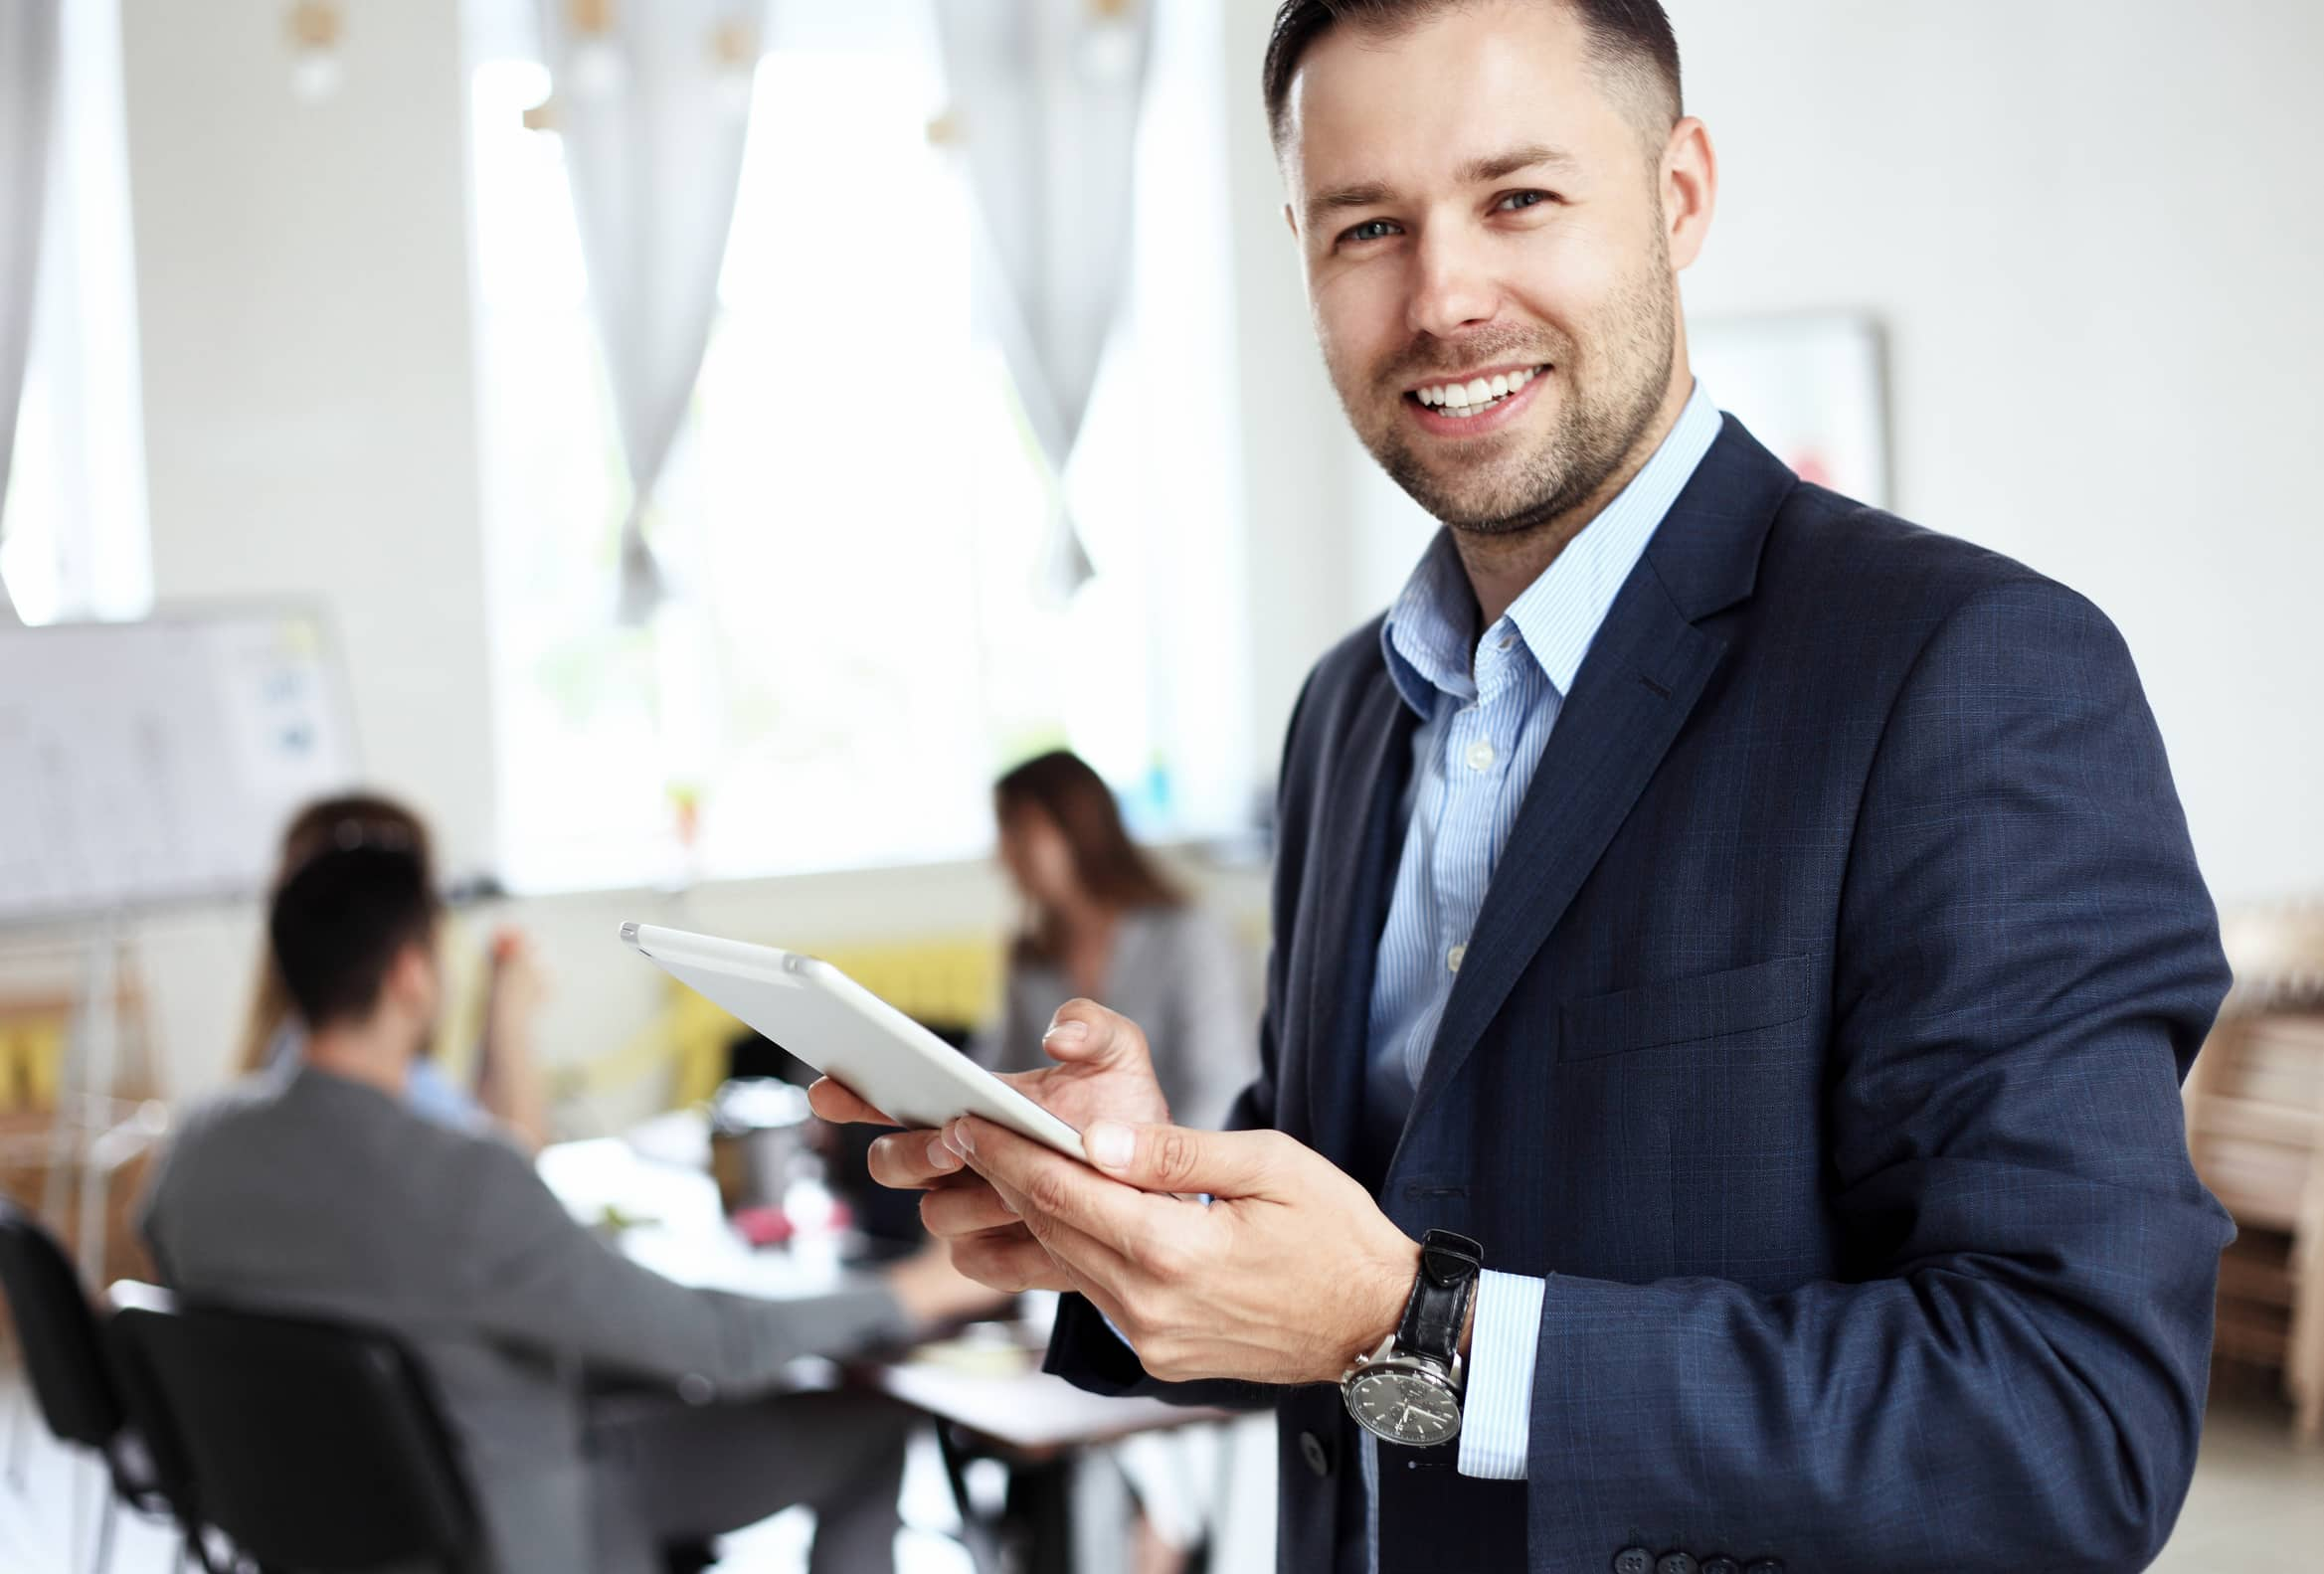 emploi-facile.com -Cabinet de recrutement  pourquoi leur faire appel 2